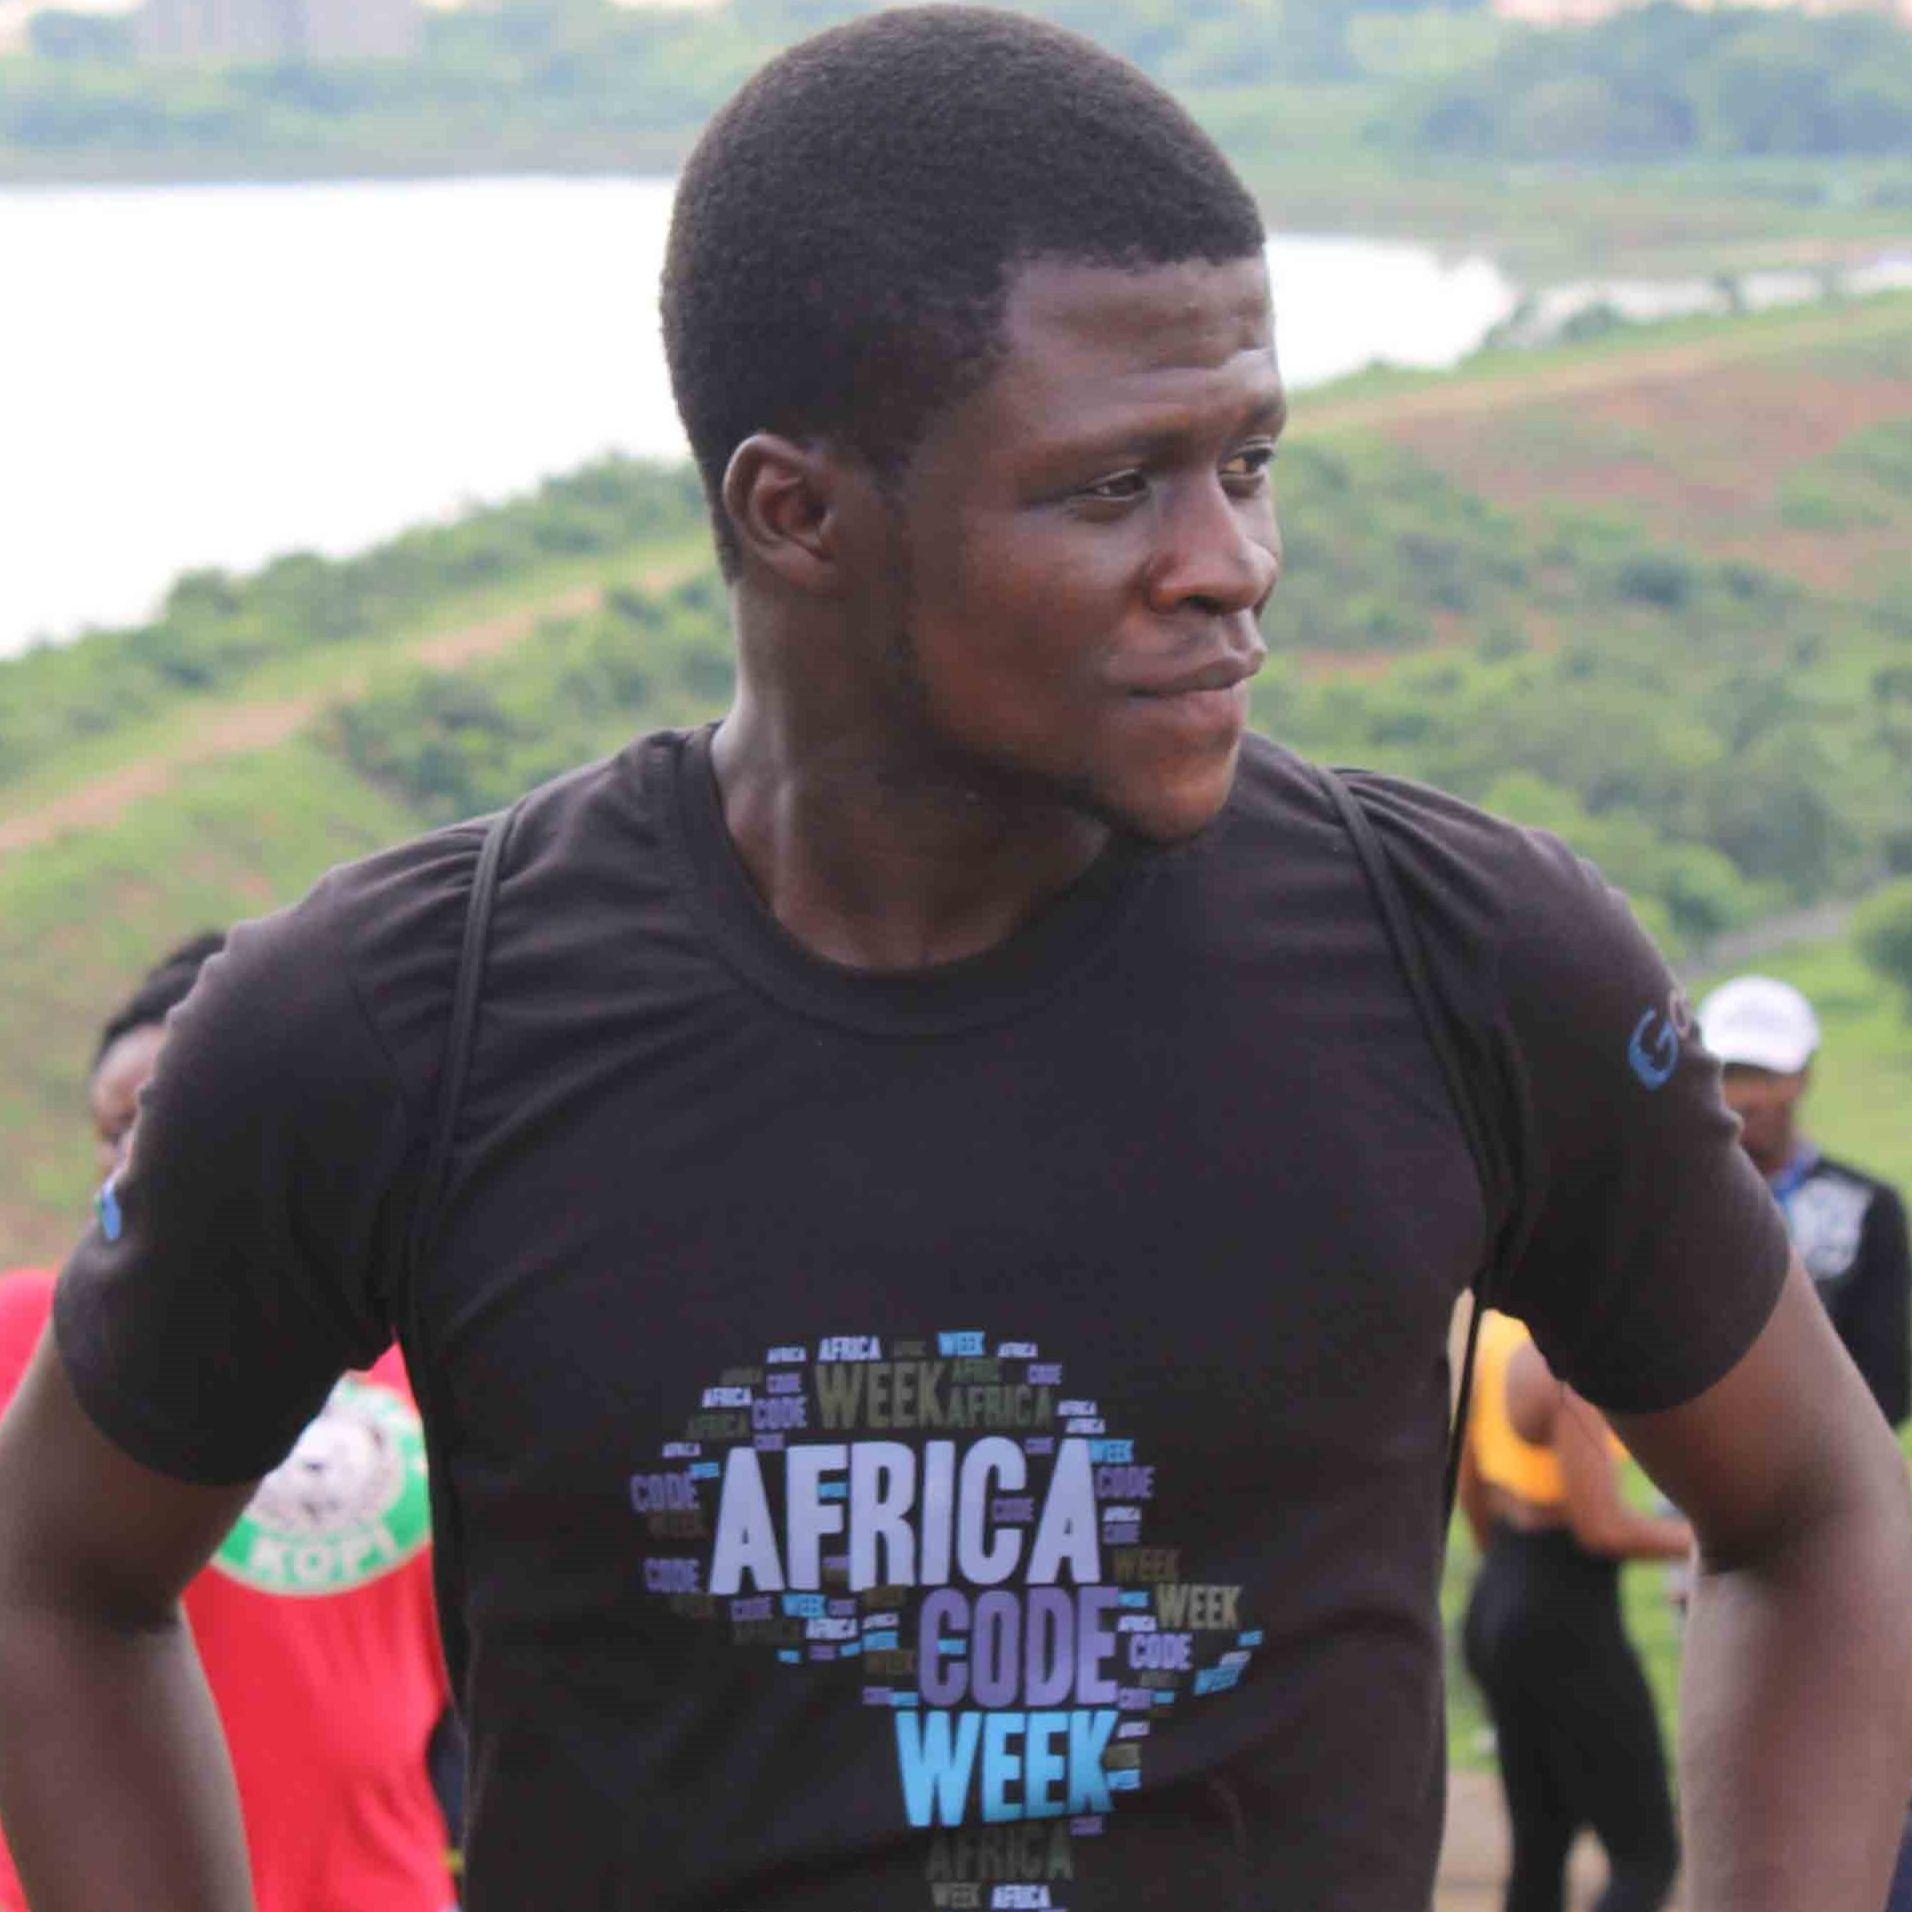 Oluwafunmito Odefemi